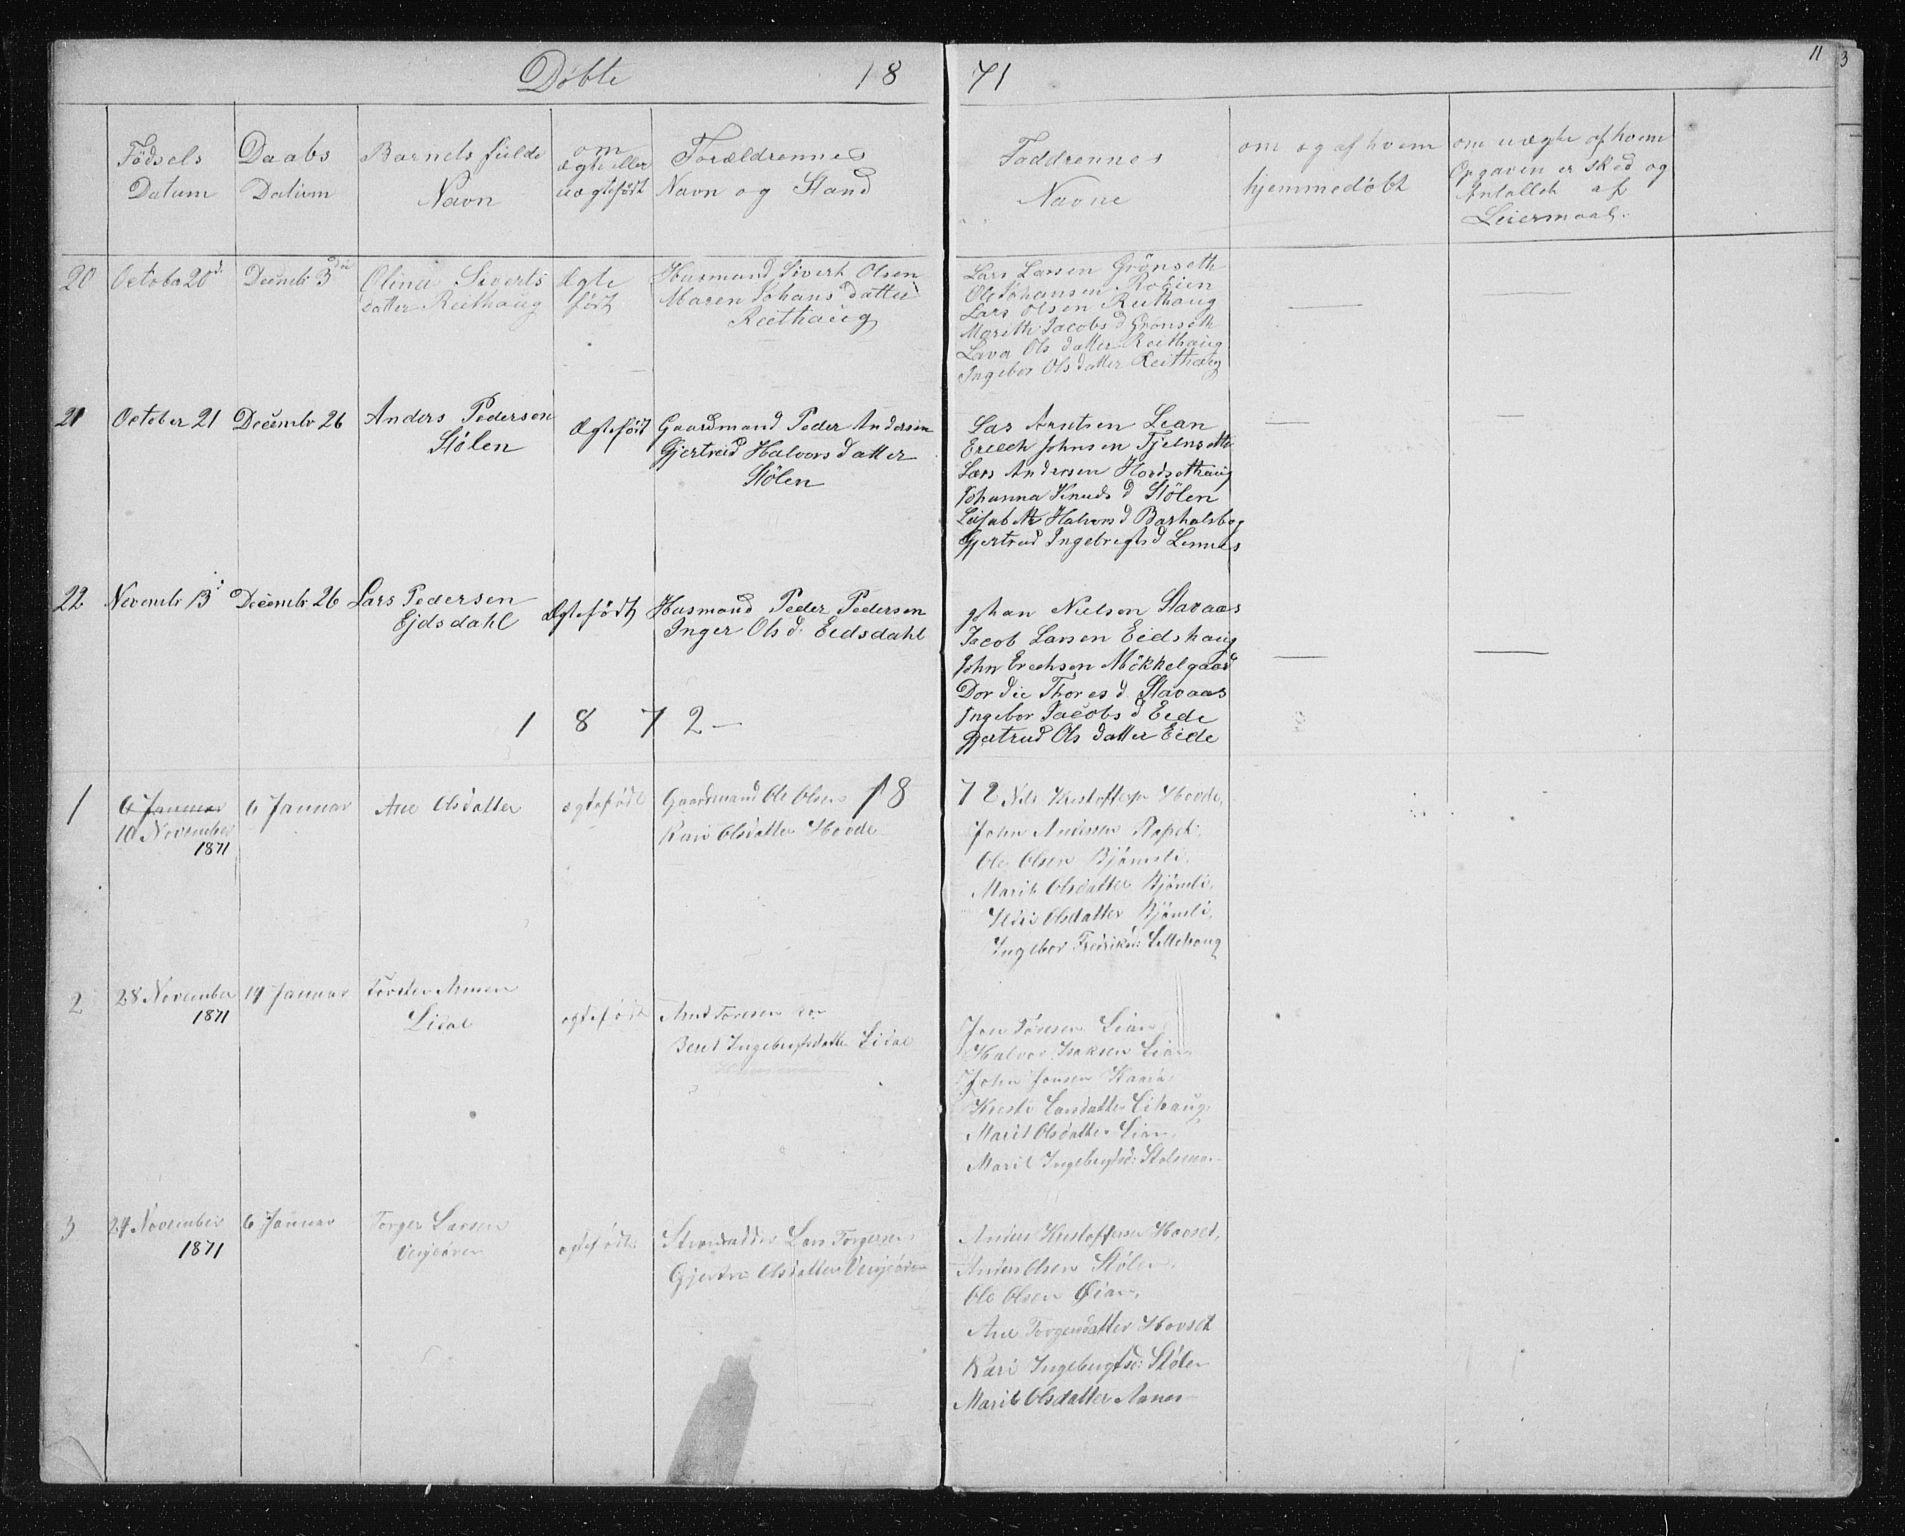 SAT, Ministerialprotokoller, klokkerbøker og fødselsregistre - Sør-Trøndelag, 631/L0513: Klokkerbok nr. 631C01, 1869-1879, s. 11